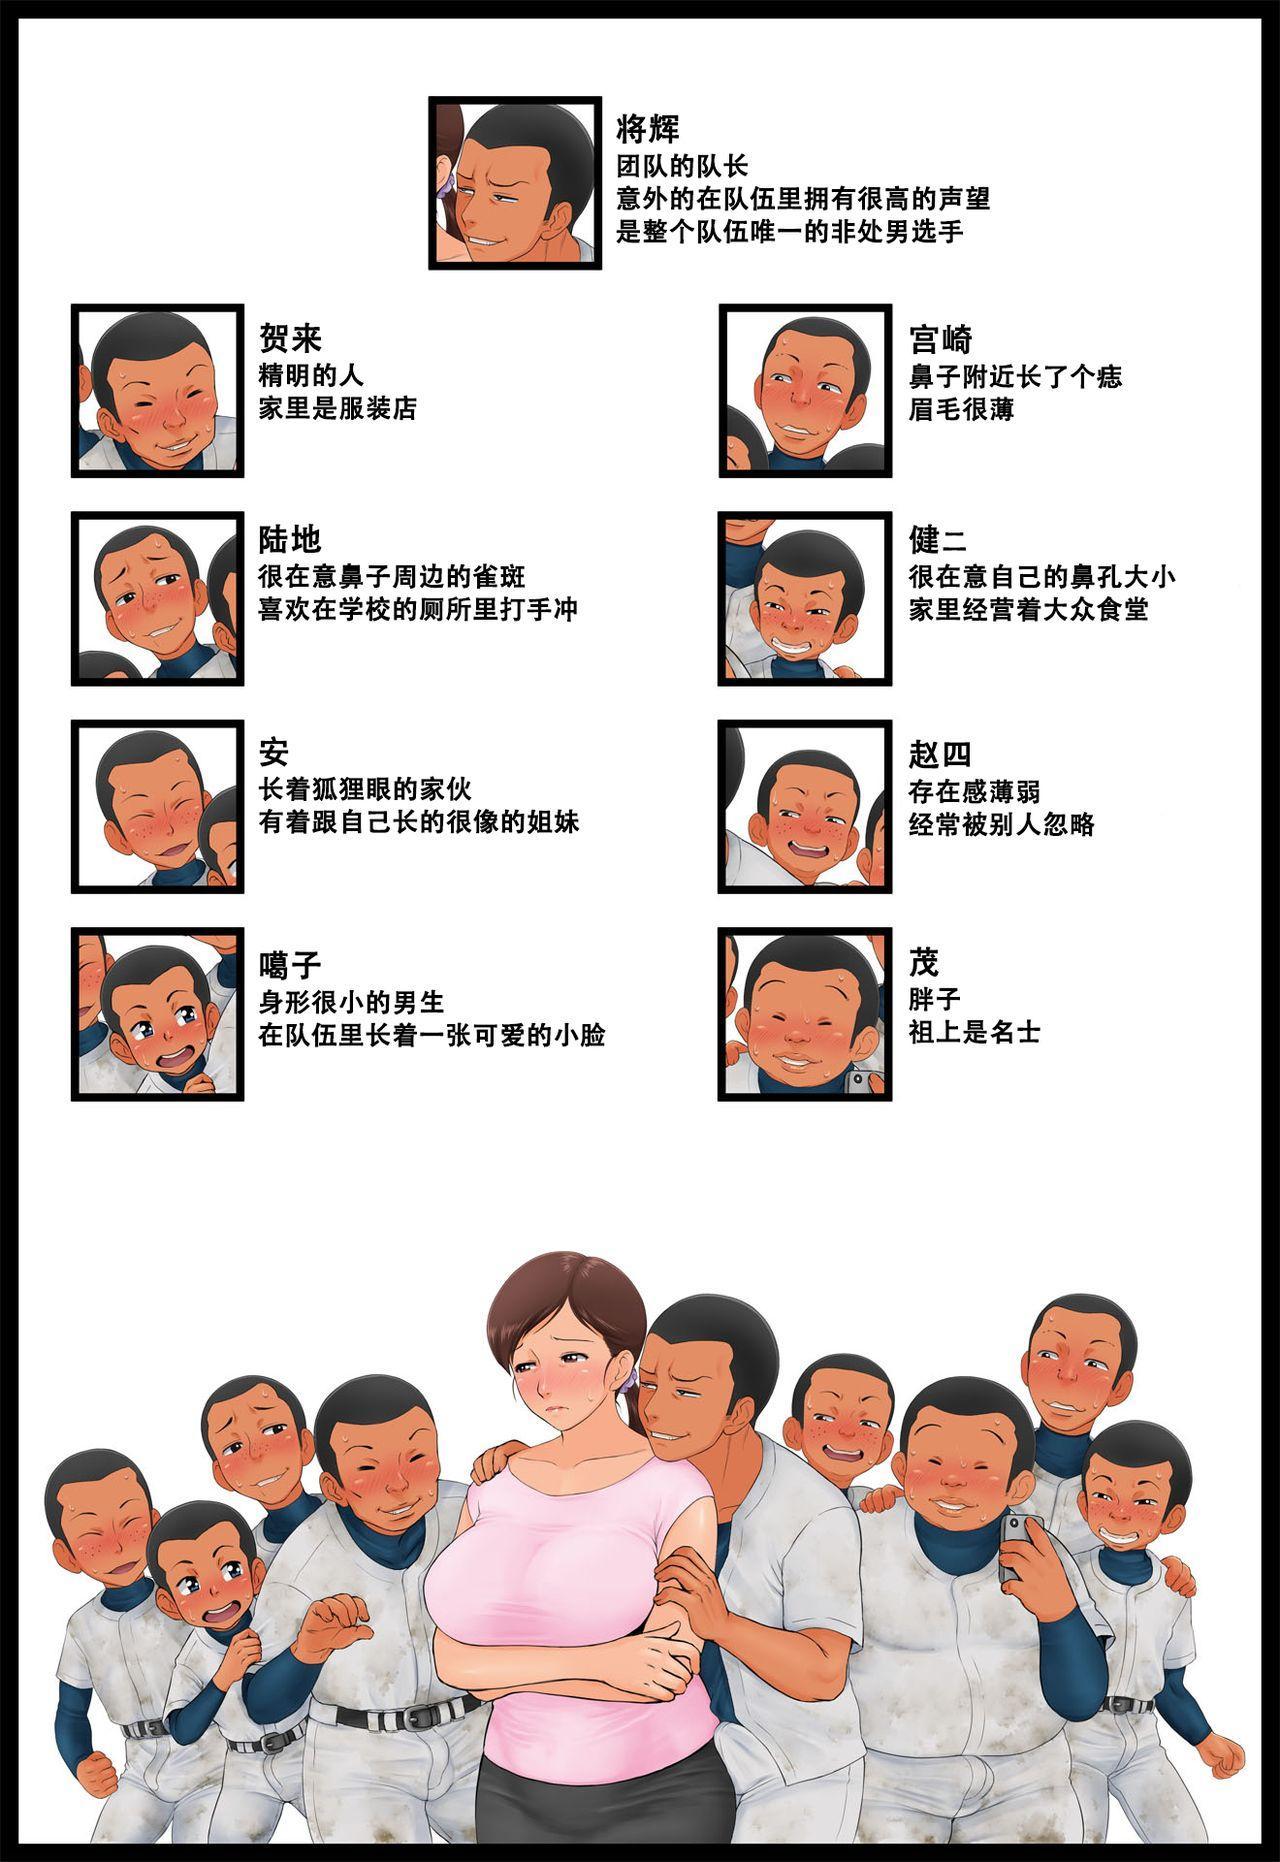 [Rapurando] Musuko no Doukyuusei ni Nerawareta Hahaoya[Chinese]【不可视汉化】 3